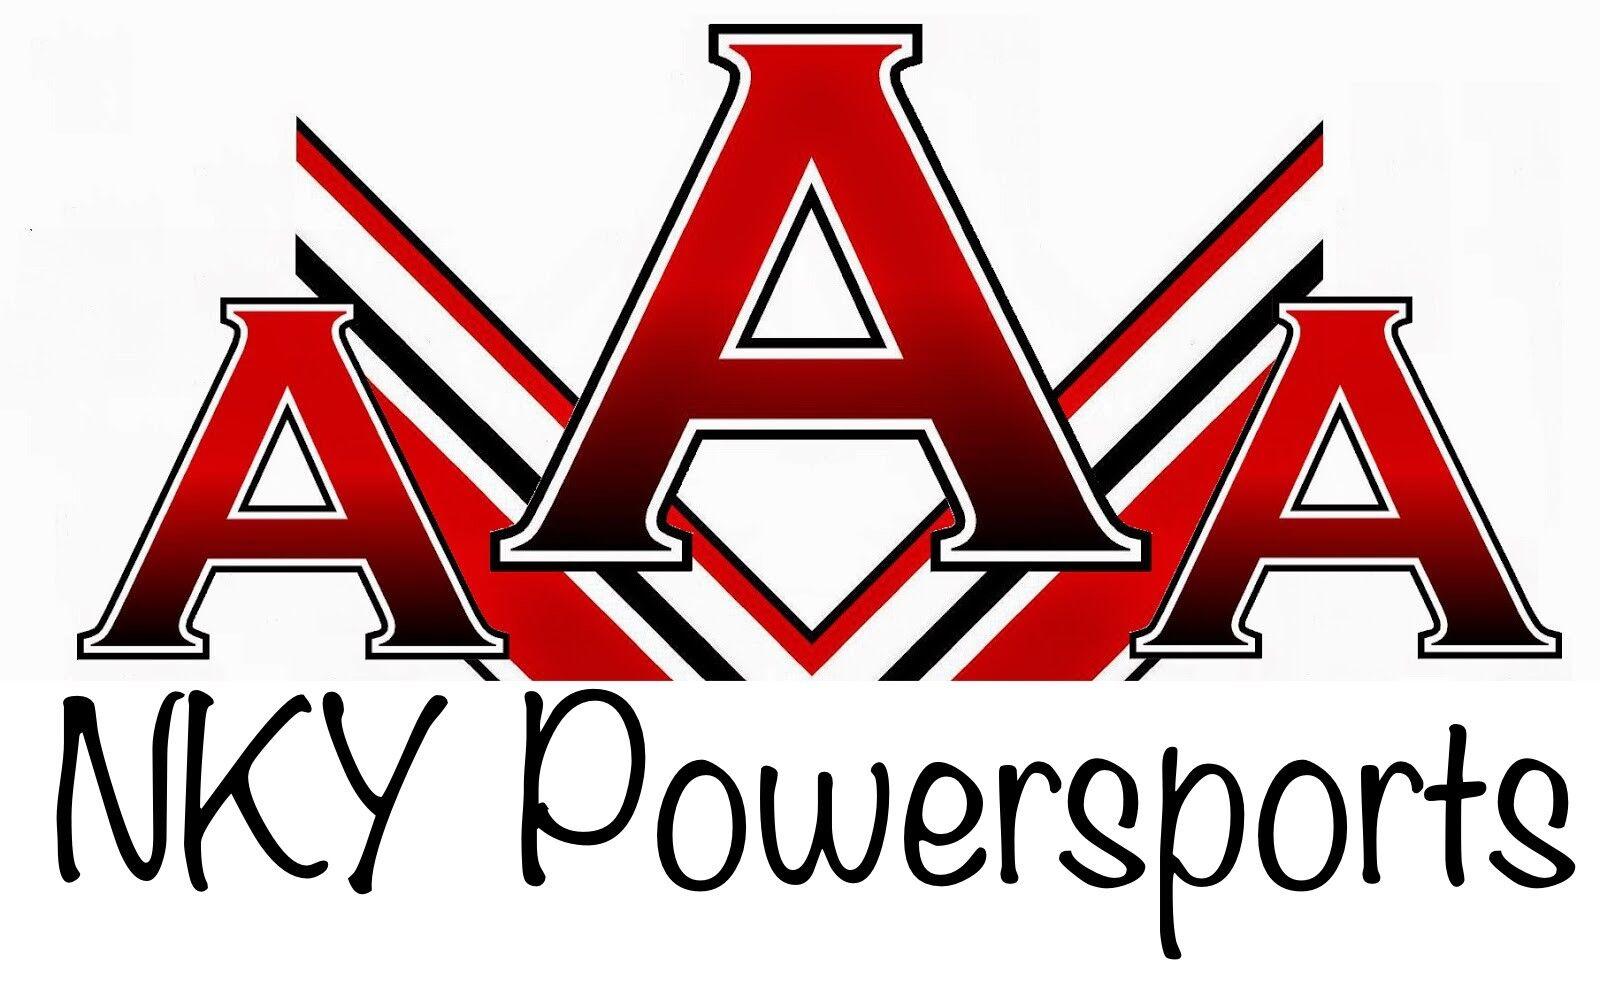 AAA NKY Powersports